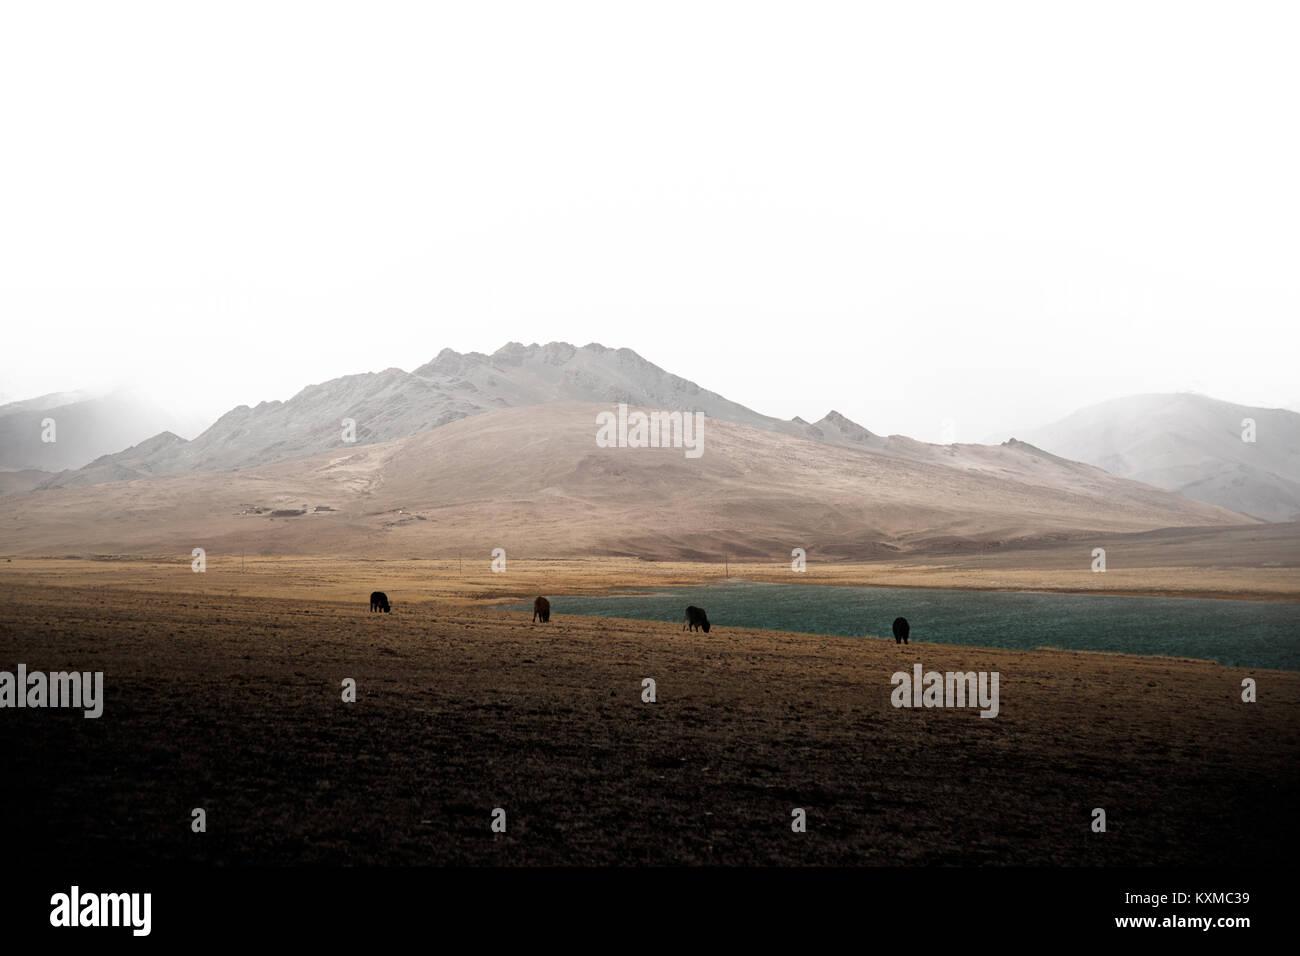 La Mongolie lac hiver montagnes de neige nuageux le bétail de pâturage des vaches steppes mongoles de Photo Stock